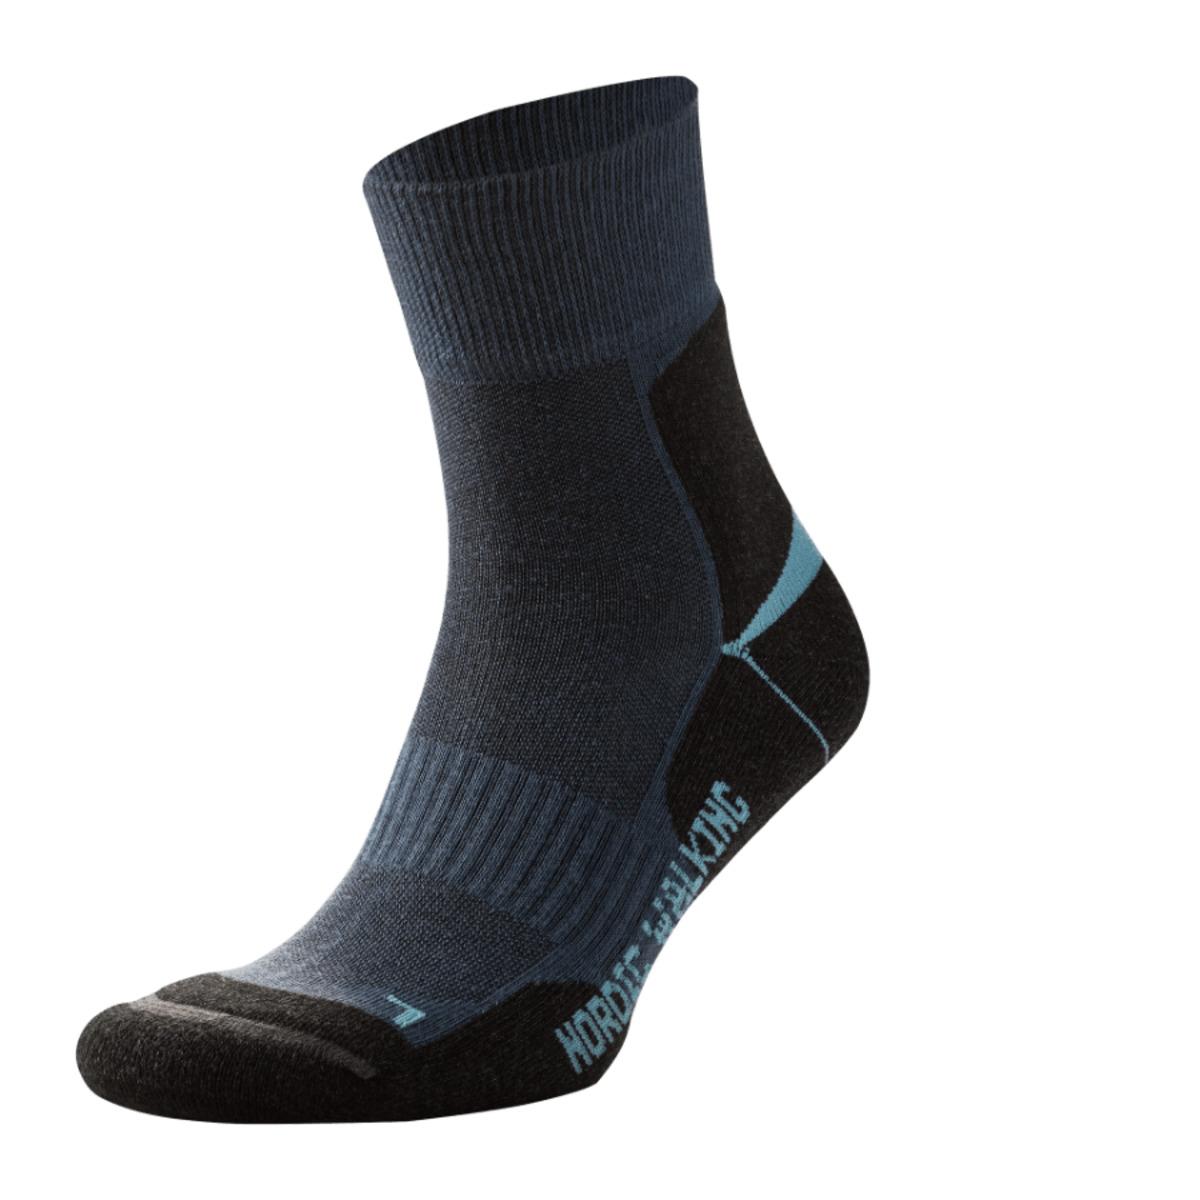 Bild 3 von ACTIVE TOUCH     Nordic Walking Socken